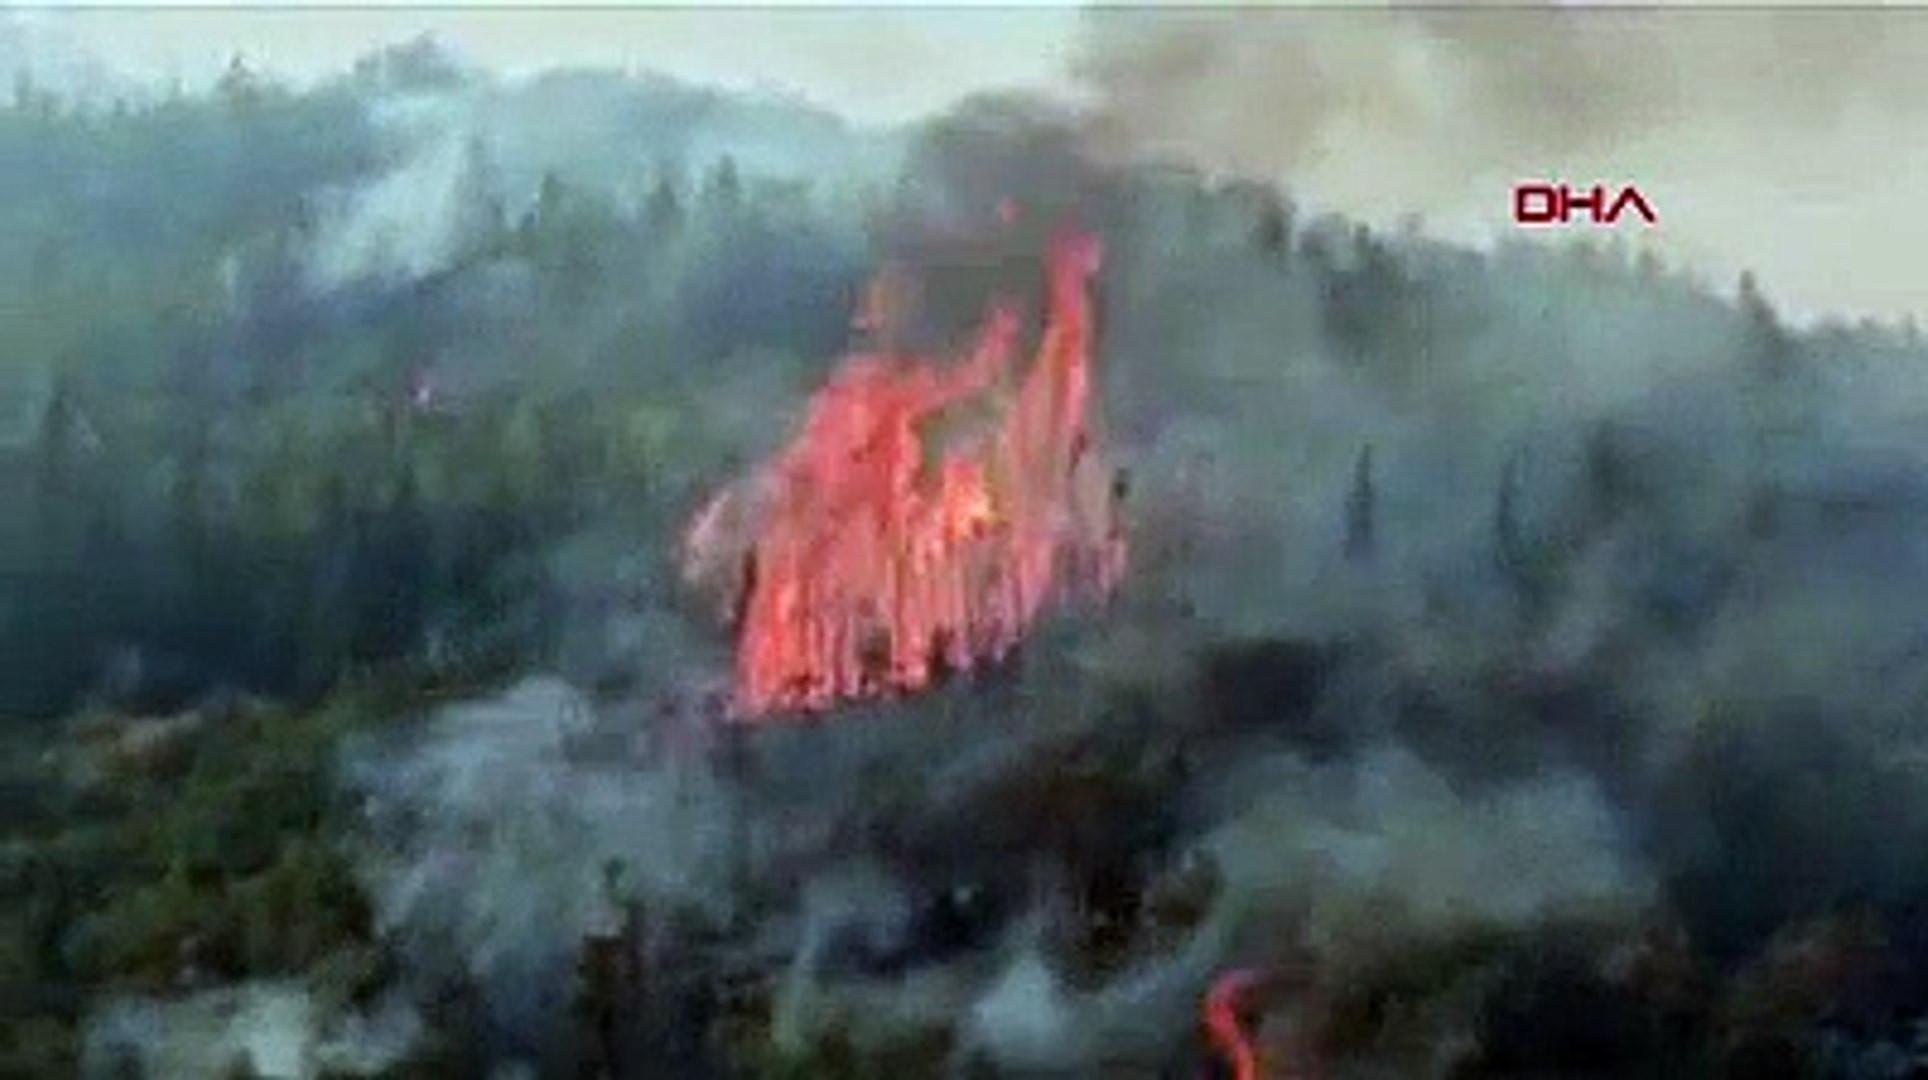 Muğla'da yangın kabusu büyüyor: İki mahalle tahliye edildi